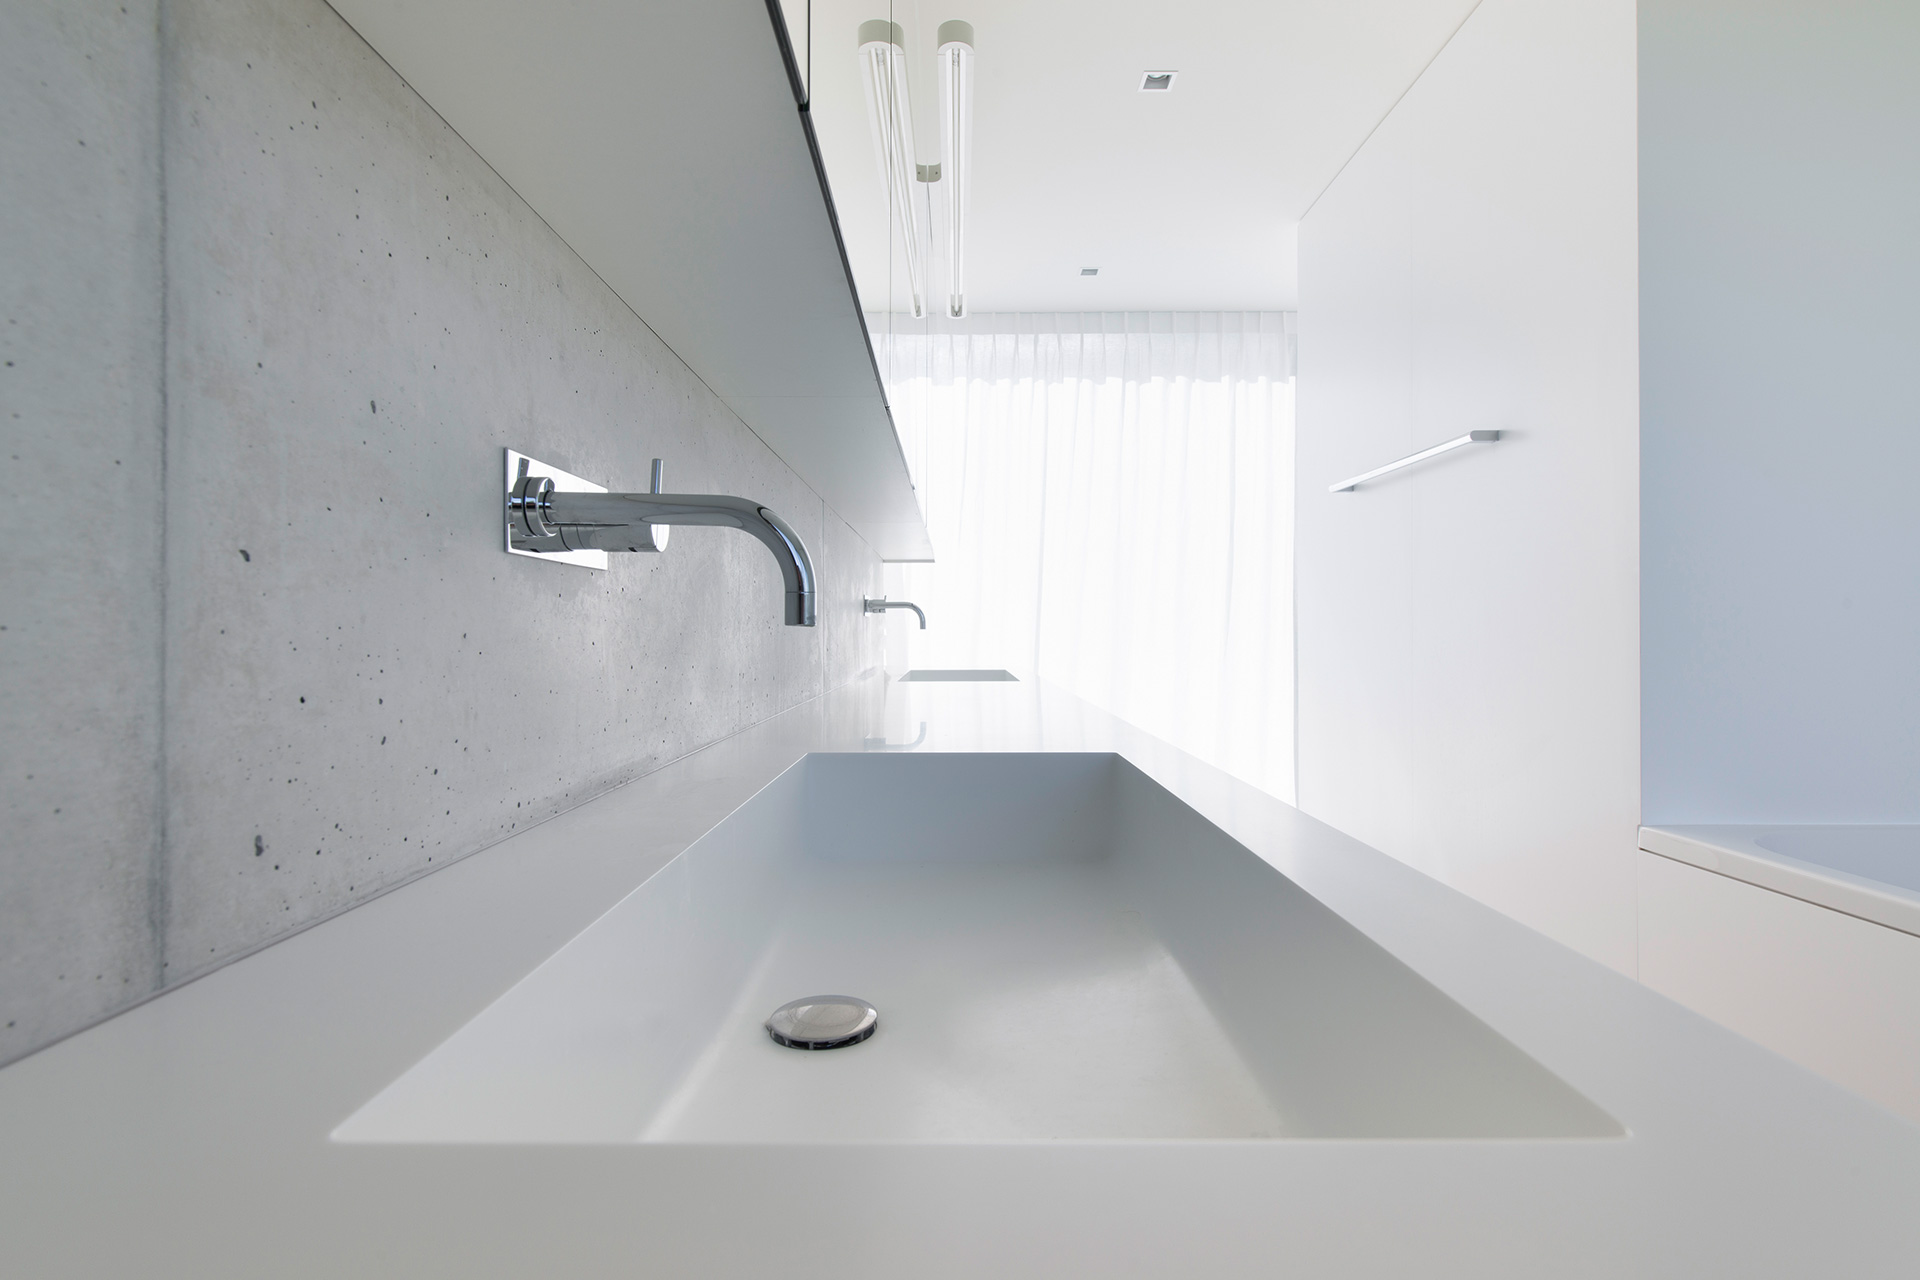 Pfister Klingenfuss Architekten, Haus H, Mörschwil, Bad